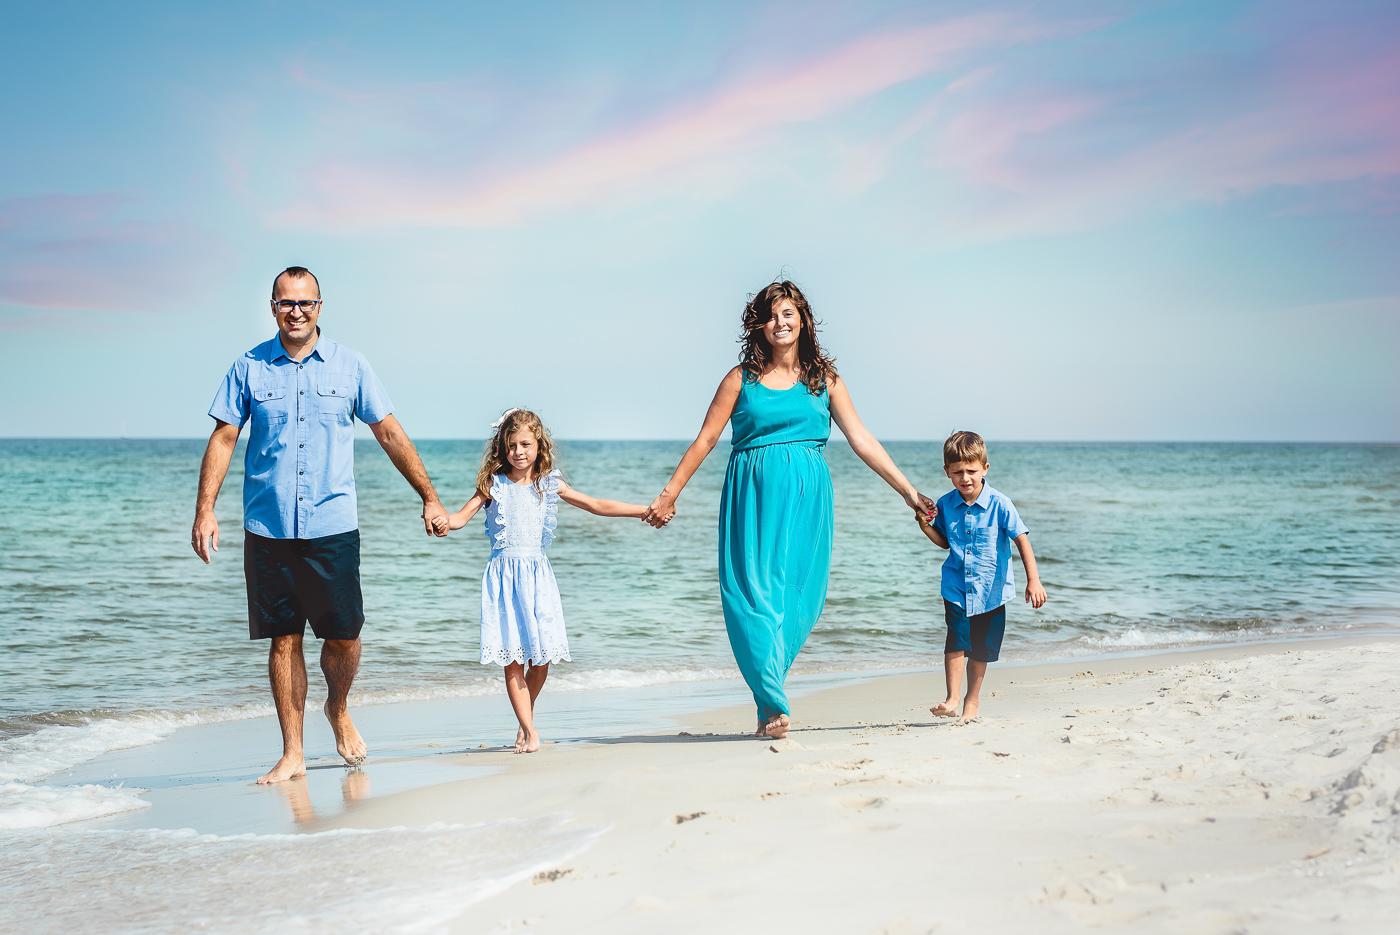 zdjecie rodzinne wszyscy trzymają sie za ręce nad morzem_Gdynia